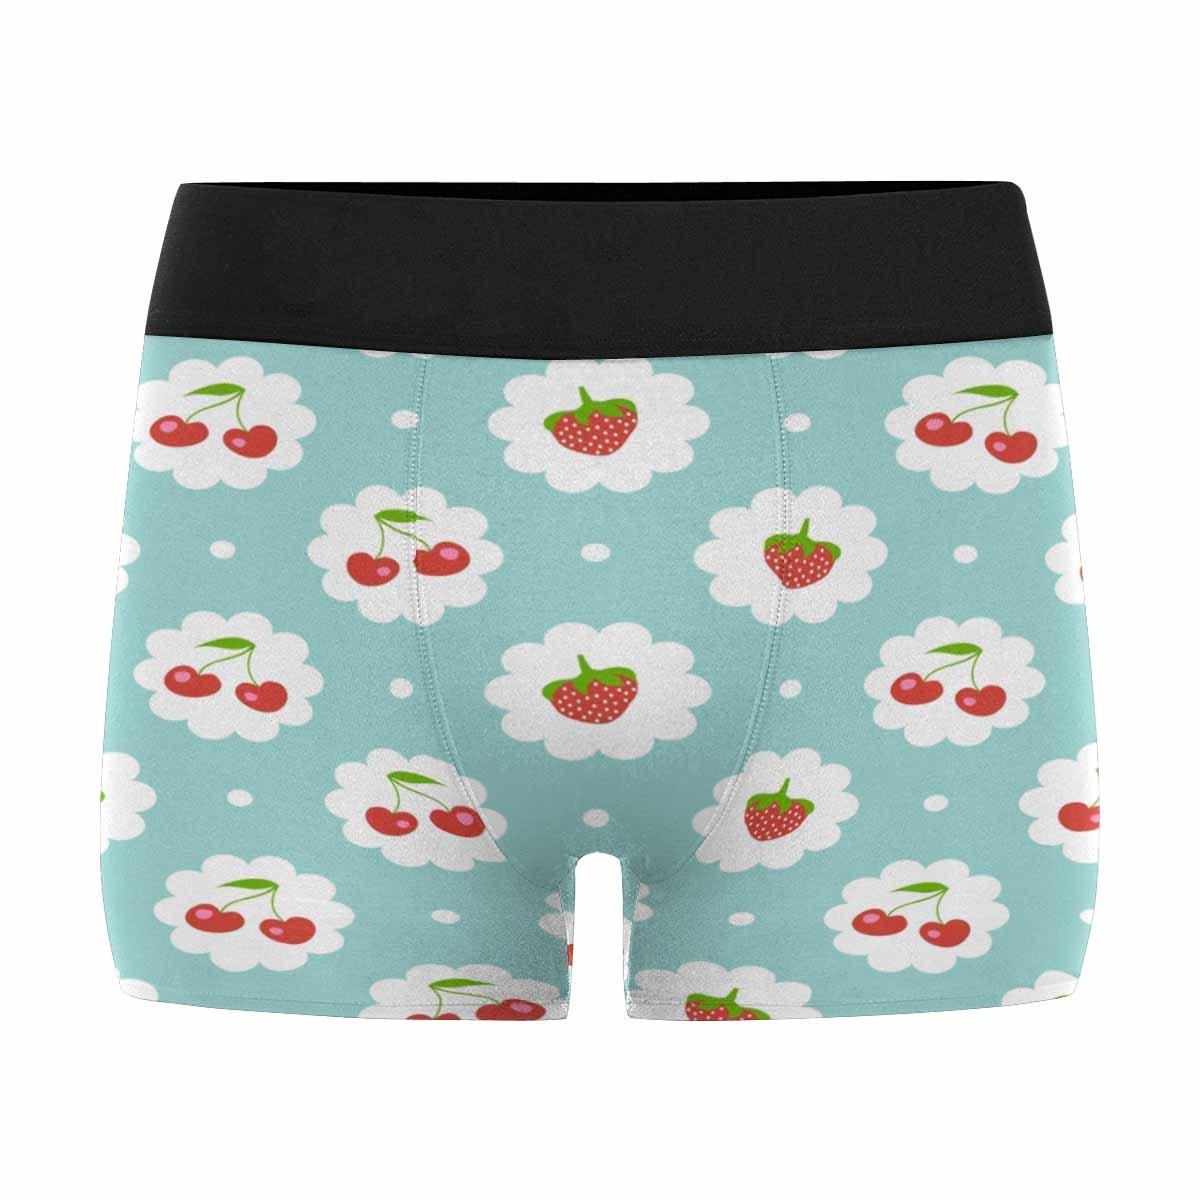 XS-3XL INTERESTPRINT Mens Boxer Briefs Underwear Sweet Cherry and Strawberries